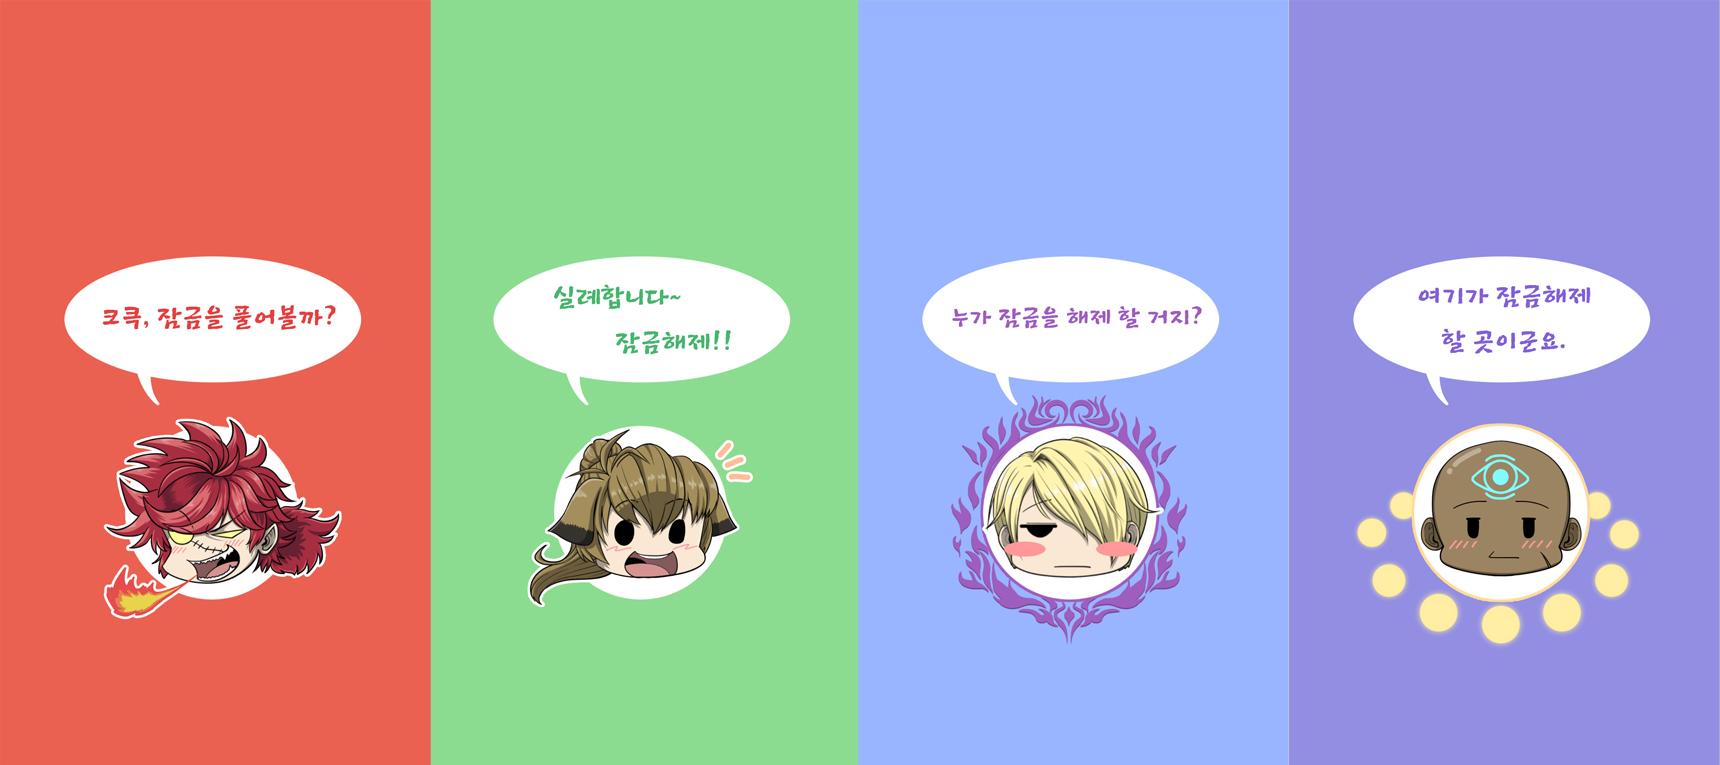 모바일 잠금화면 4종세트(남성 캐릭터.ver)